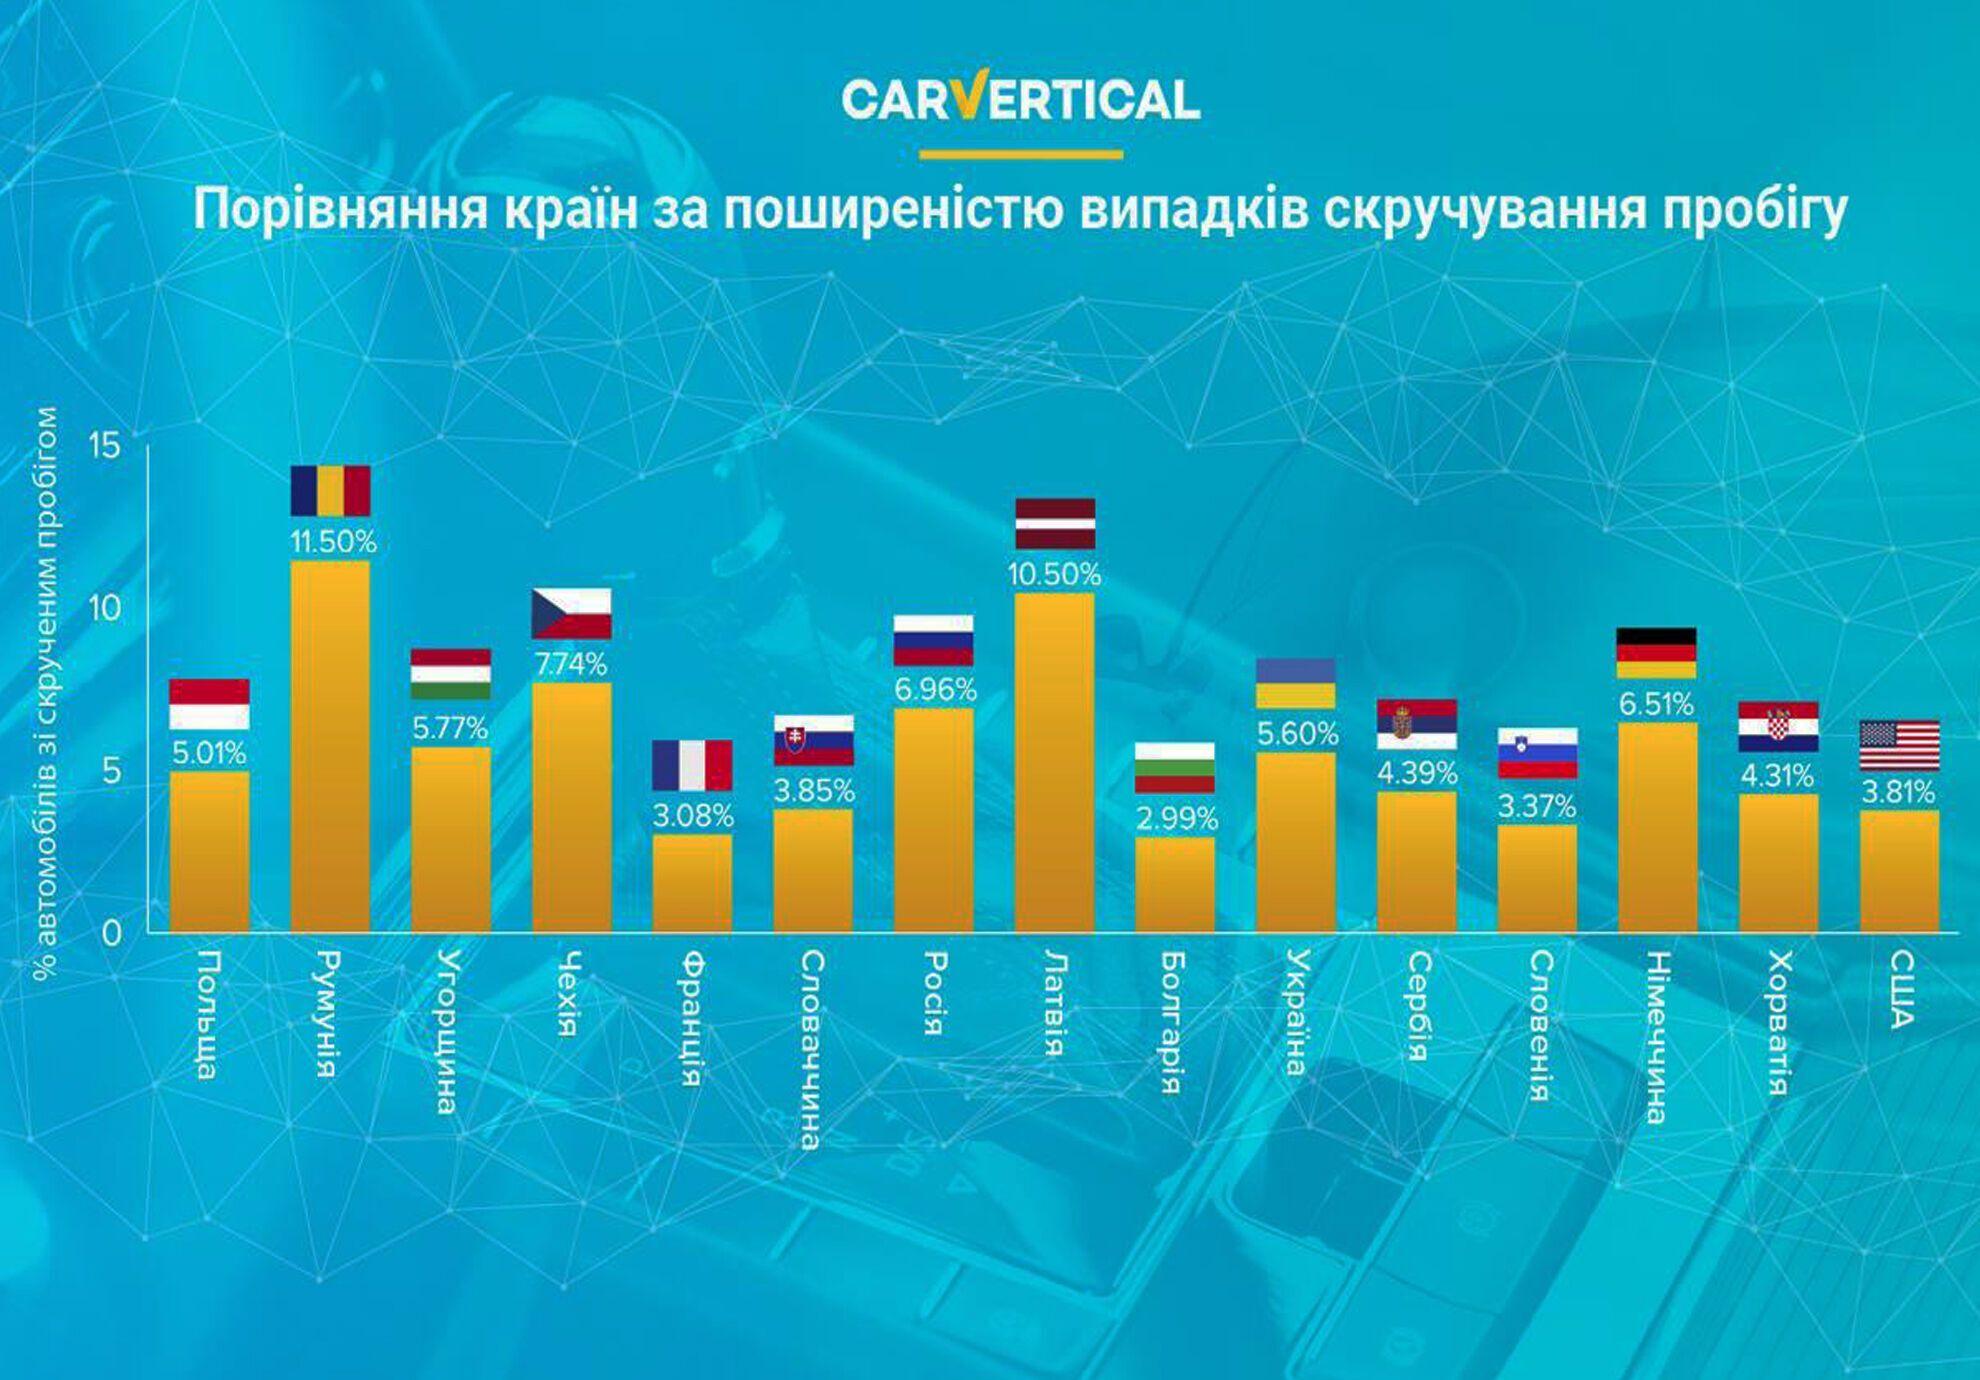 Сравнение стран по распространенности случаев скручивания пробега